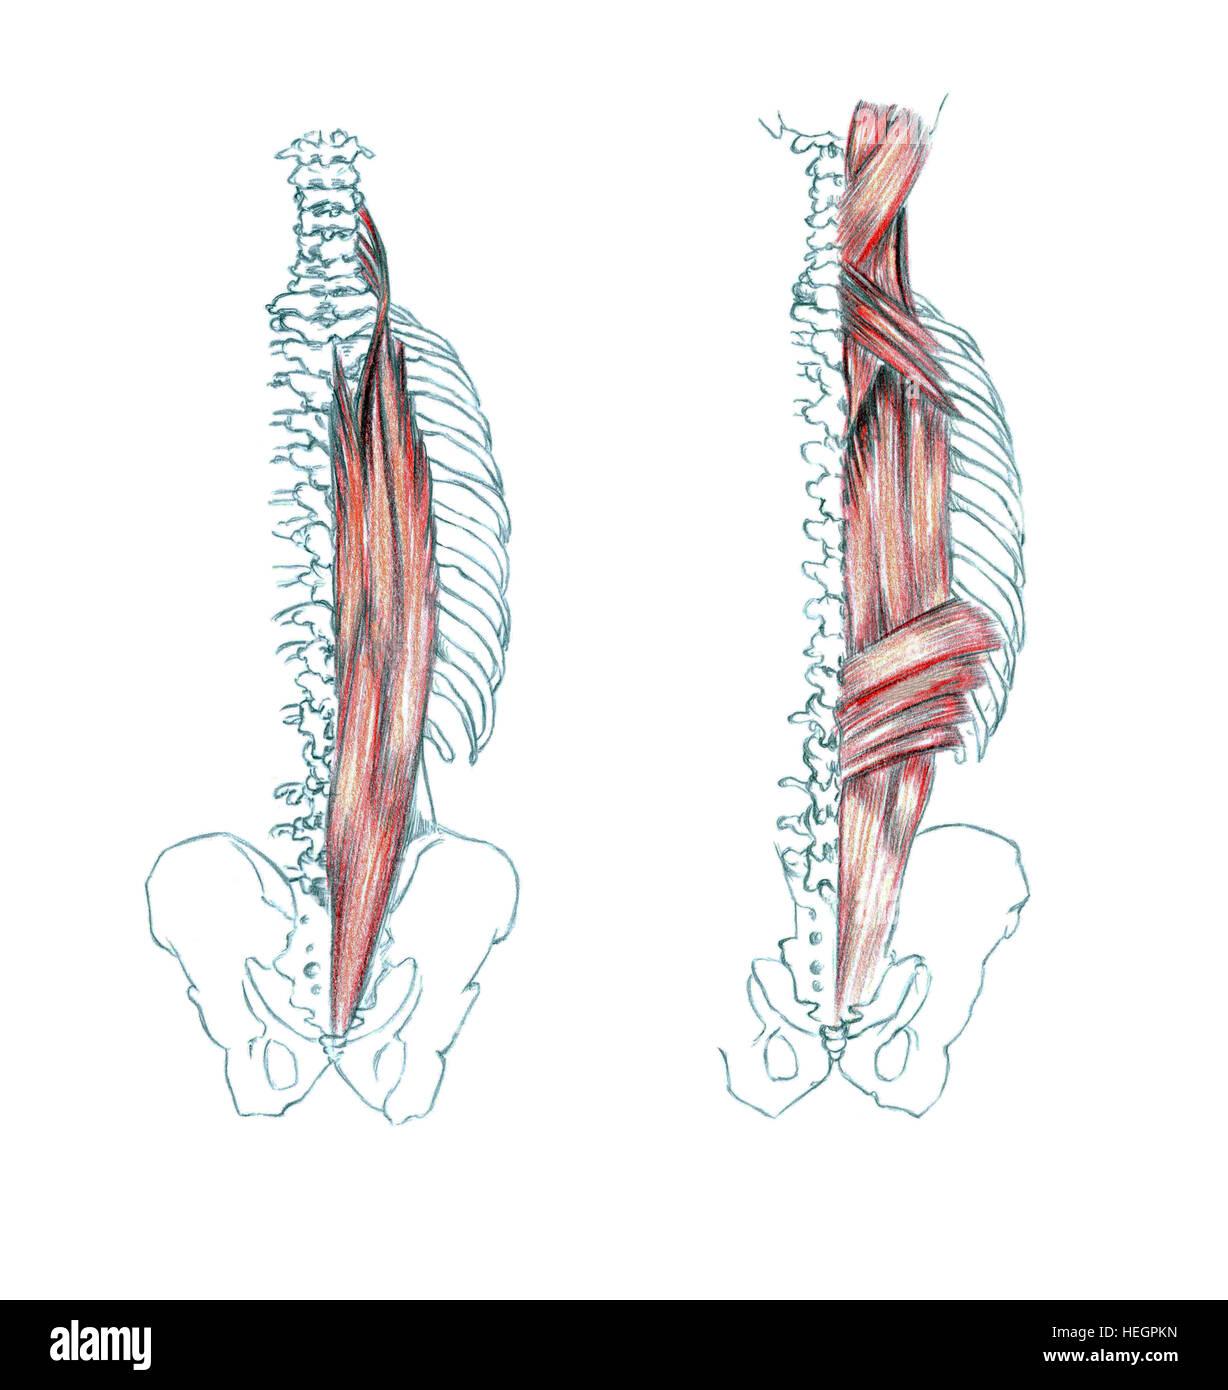 Großartig Obere Rücken Muskelanatomie Bilder - Anatomie Ideen ...